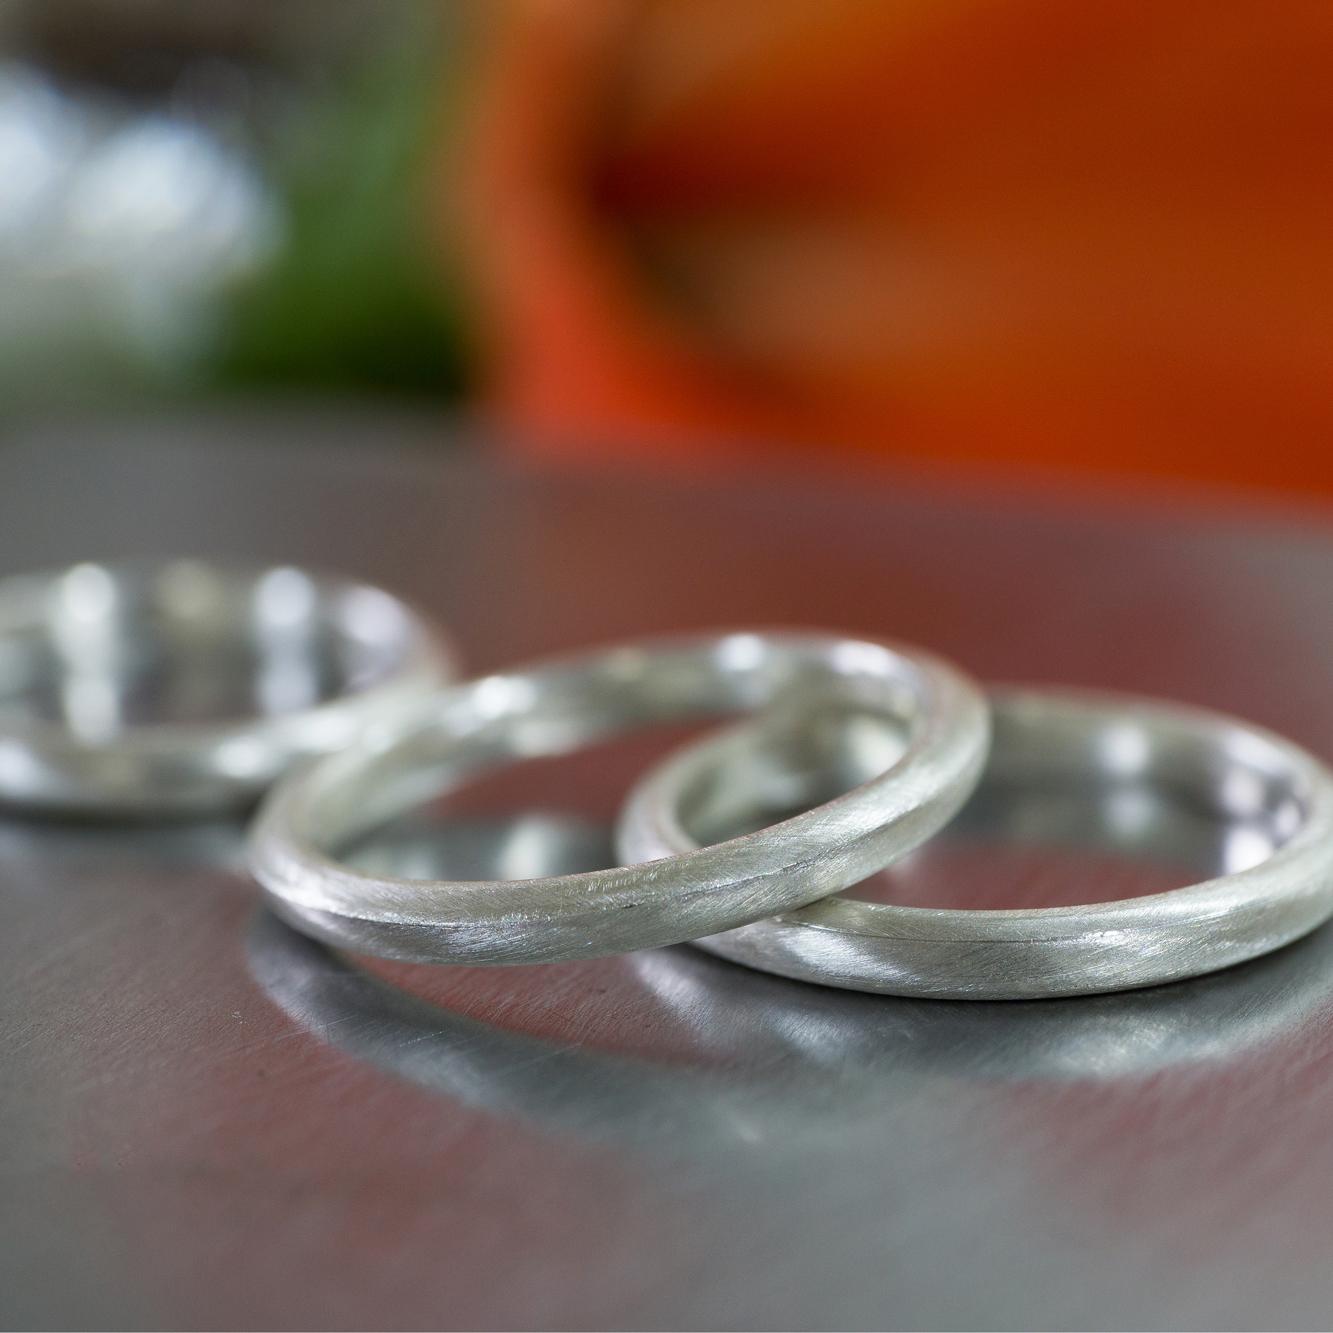 ジュエリーのアトリエにシルバーのリング 結婚指輪のサンプル 屋久島でつくる結婚指輪